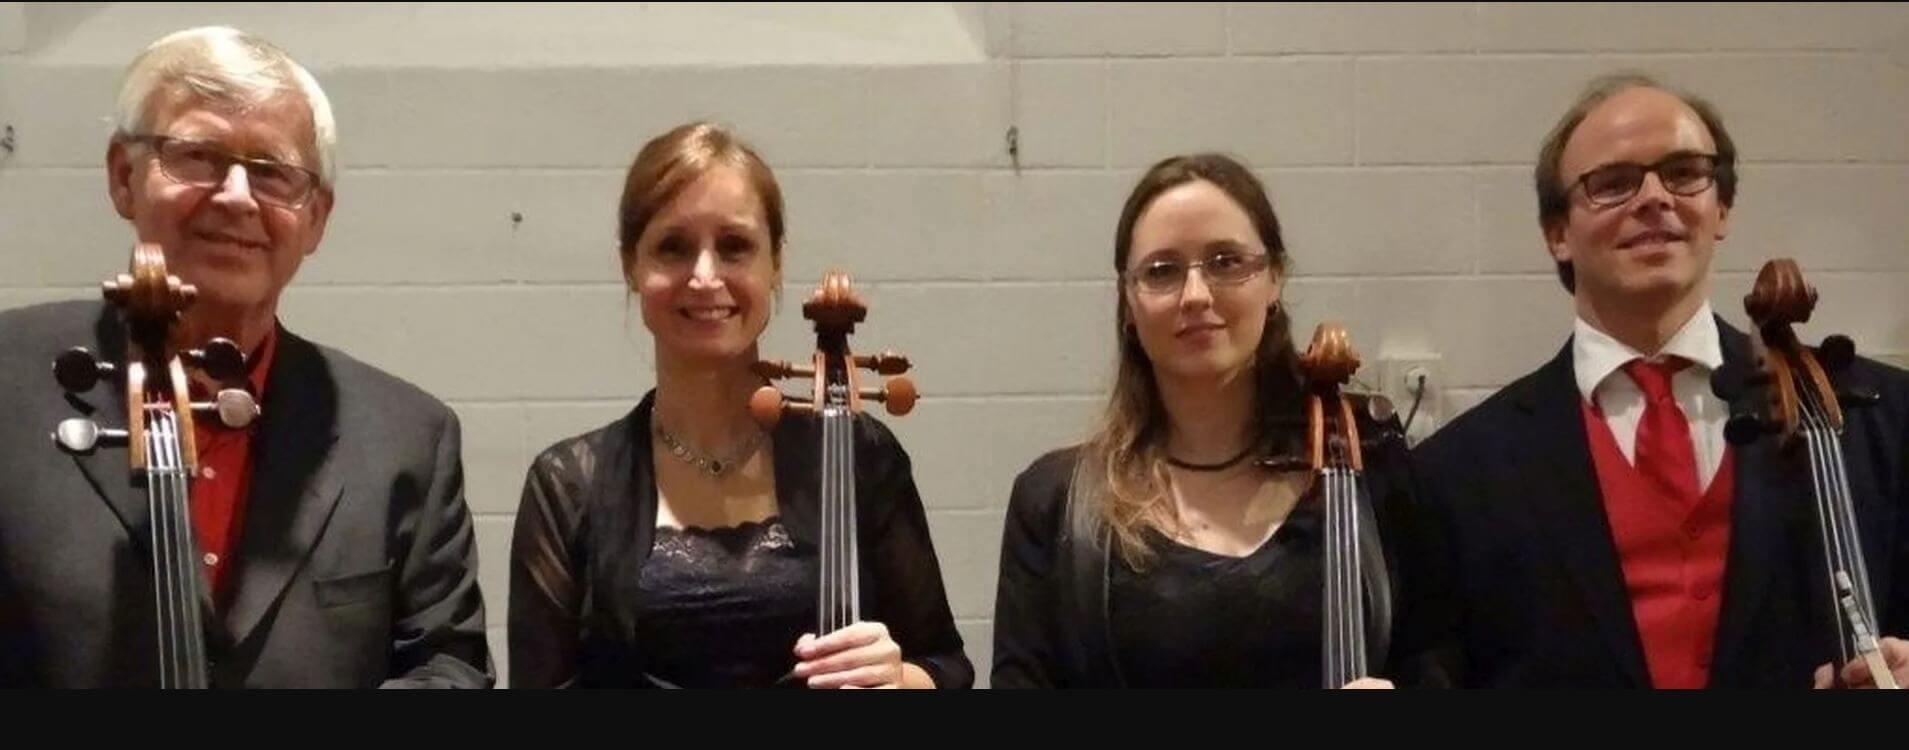 NNO Cellokwartet speelt Bach, Telemann, Pärt en meer!